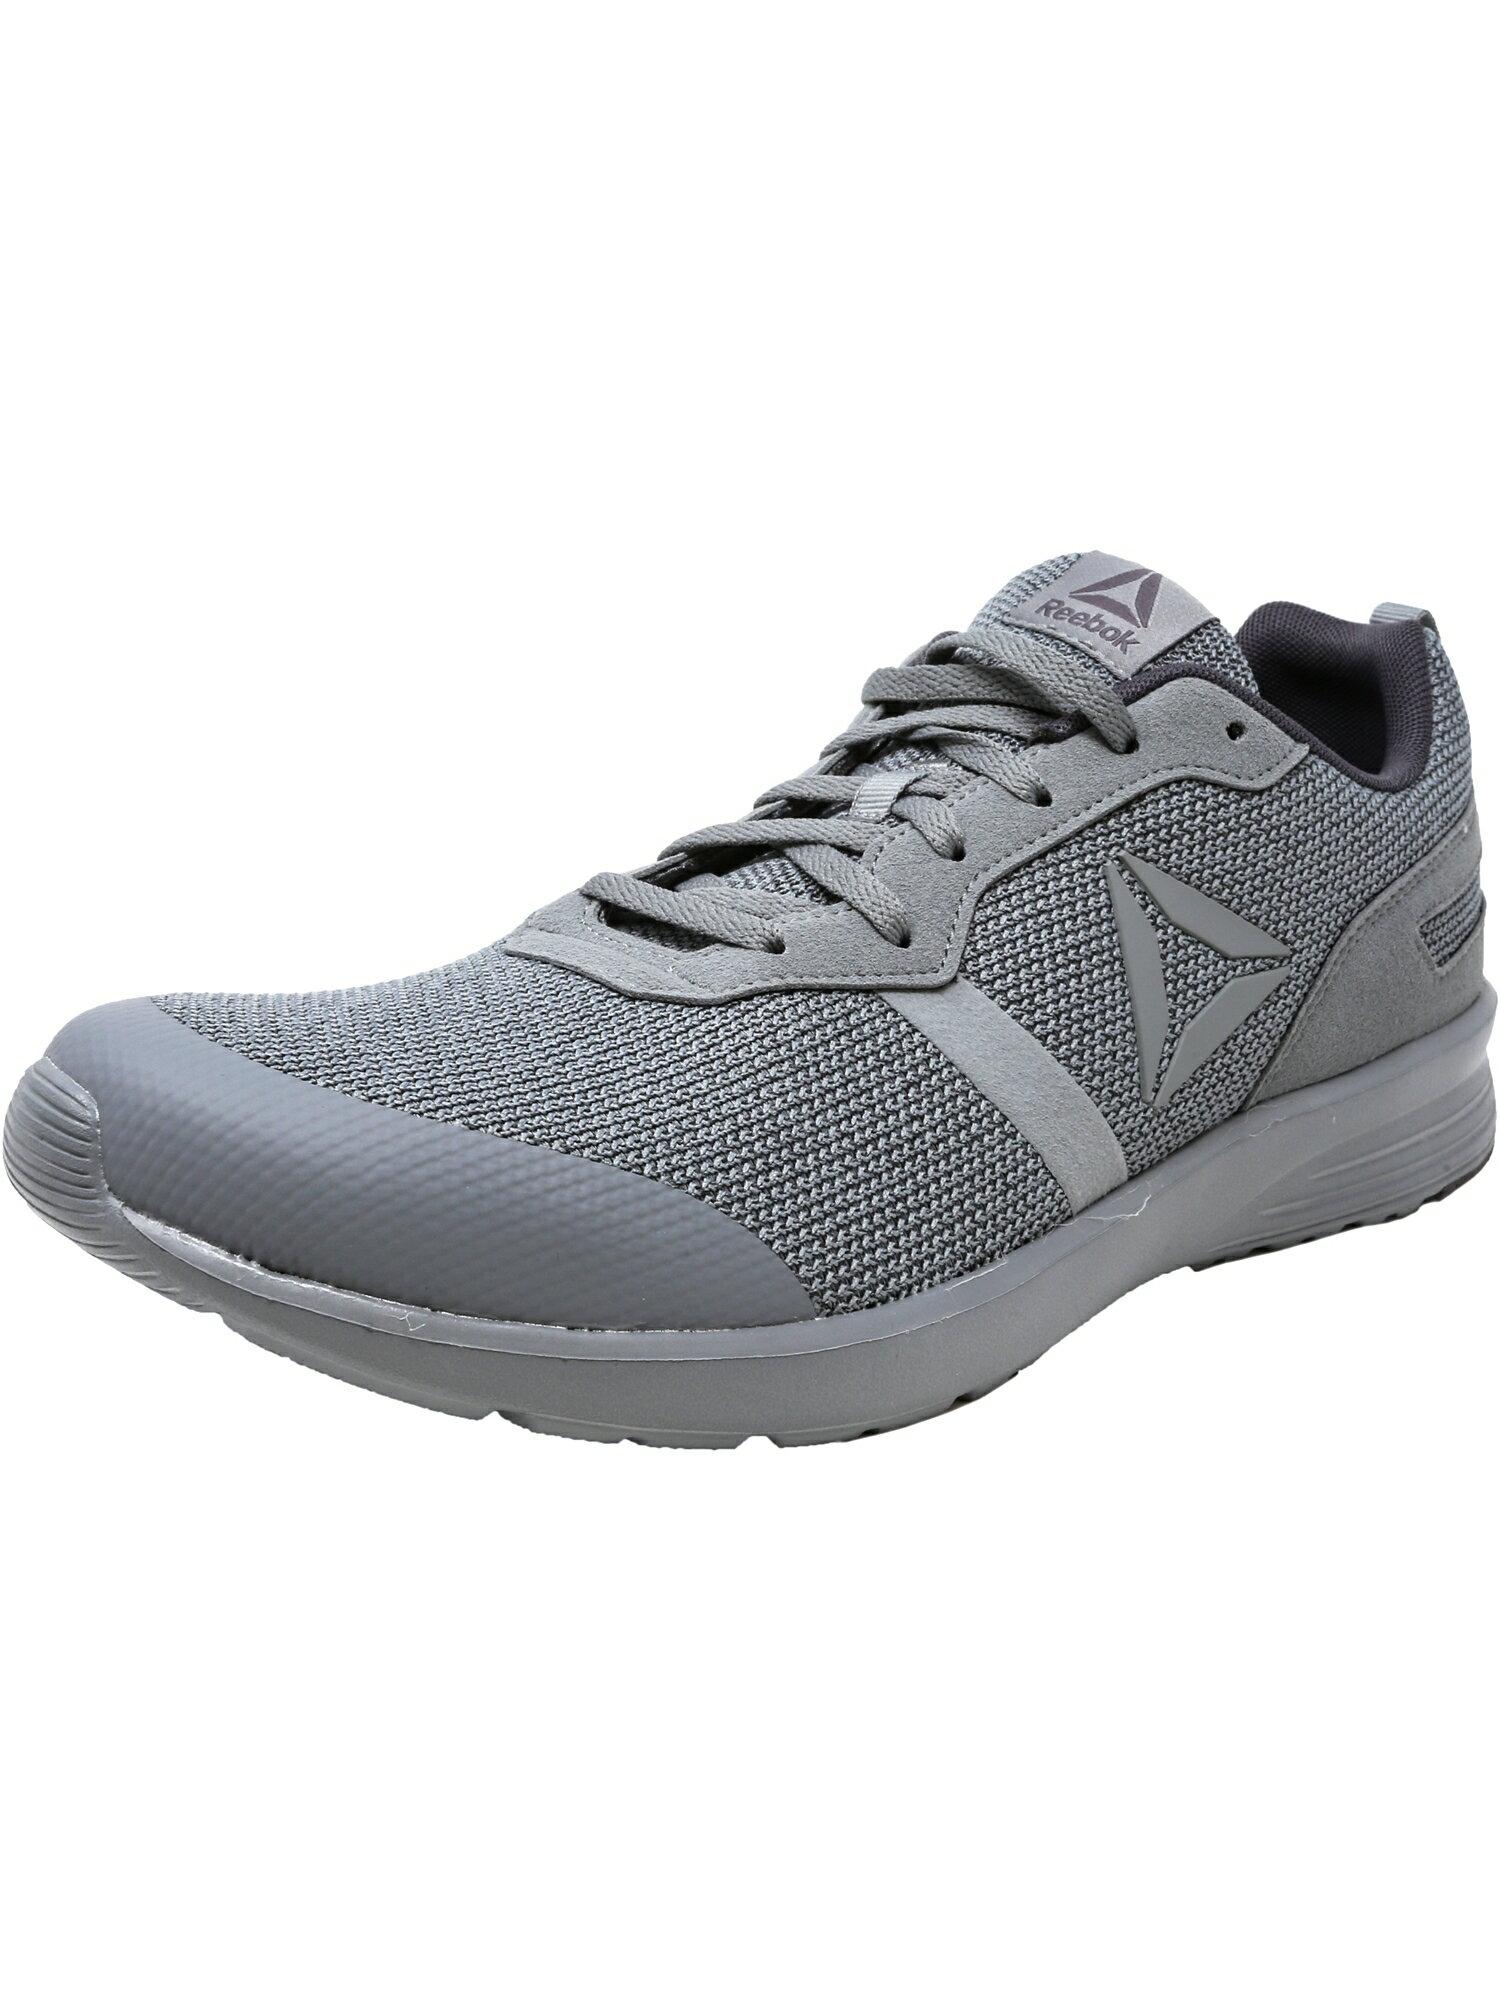 17444a0cd219a Reebok Men s Foster Flyer Flint Grey   Ash White Ankle-High Running Shoe 0